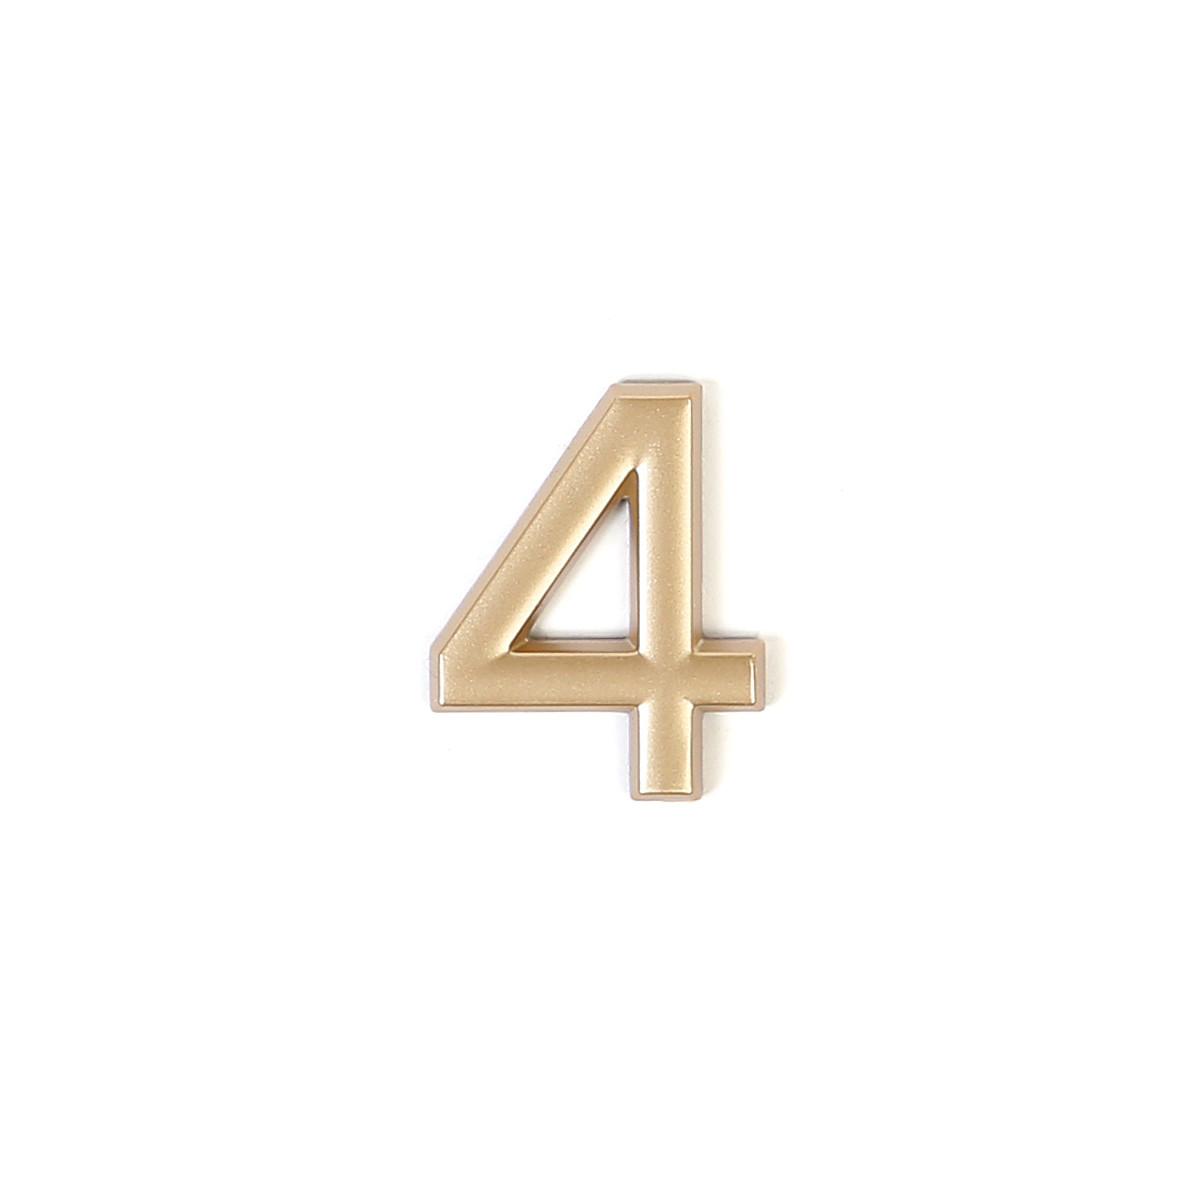 Номер пластиковый на дверь Larvij цифра 4 матовое золото (LNP4MG#4)